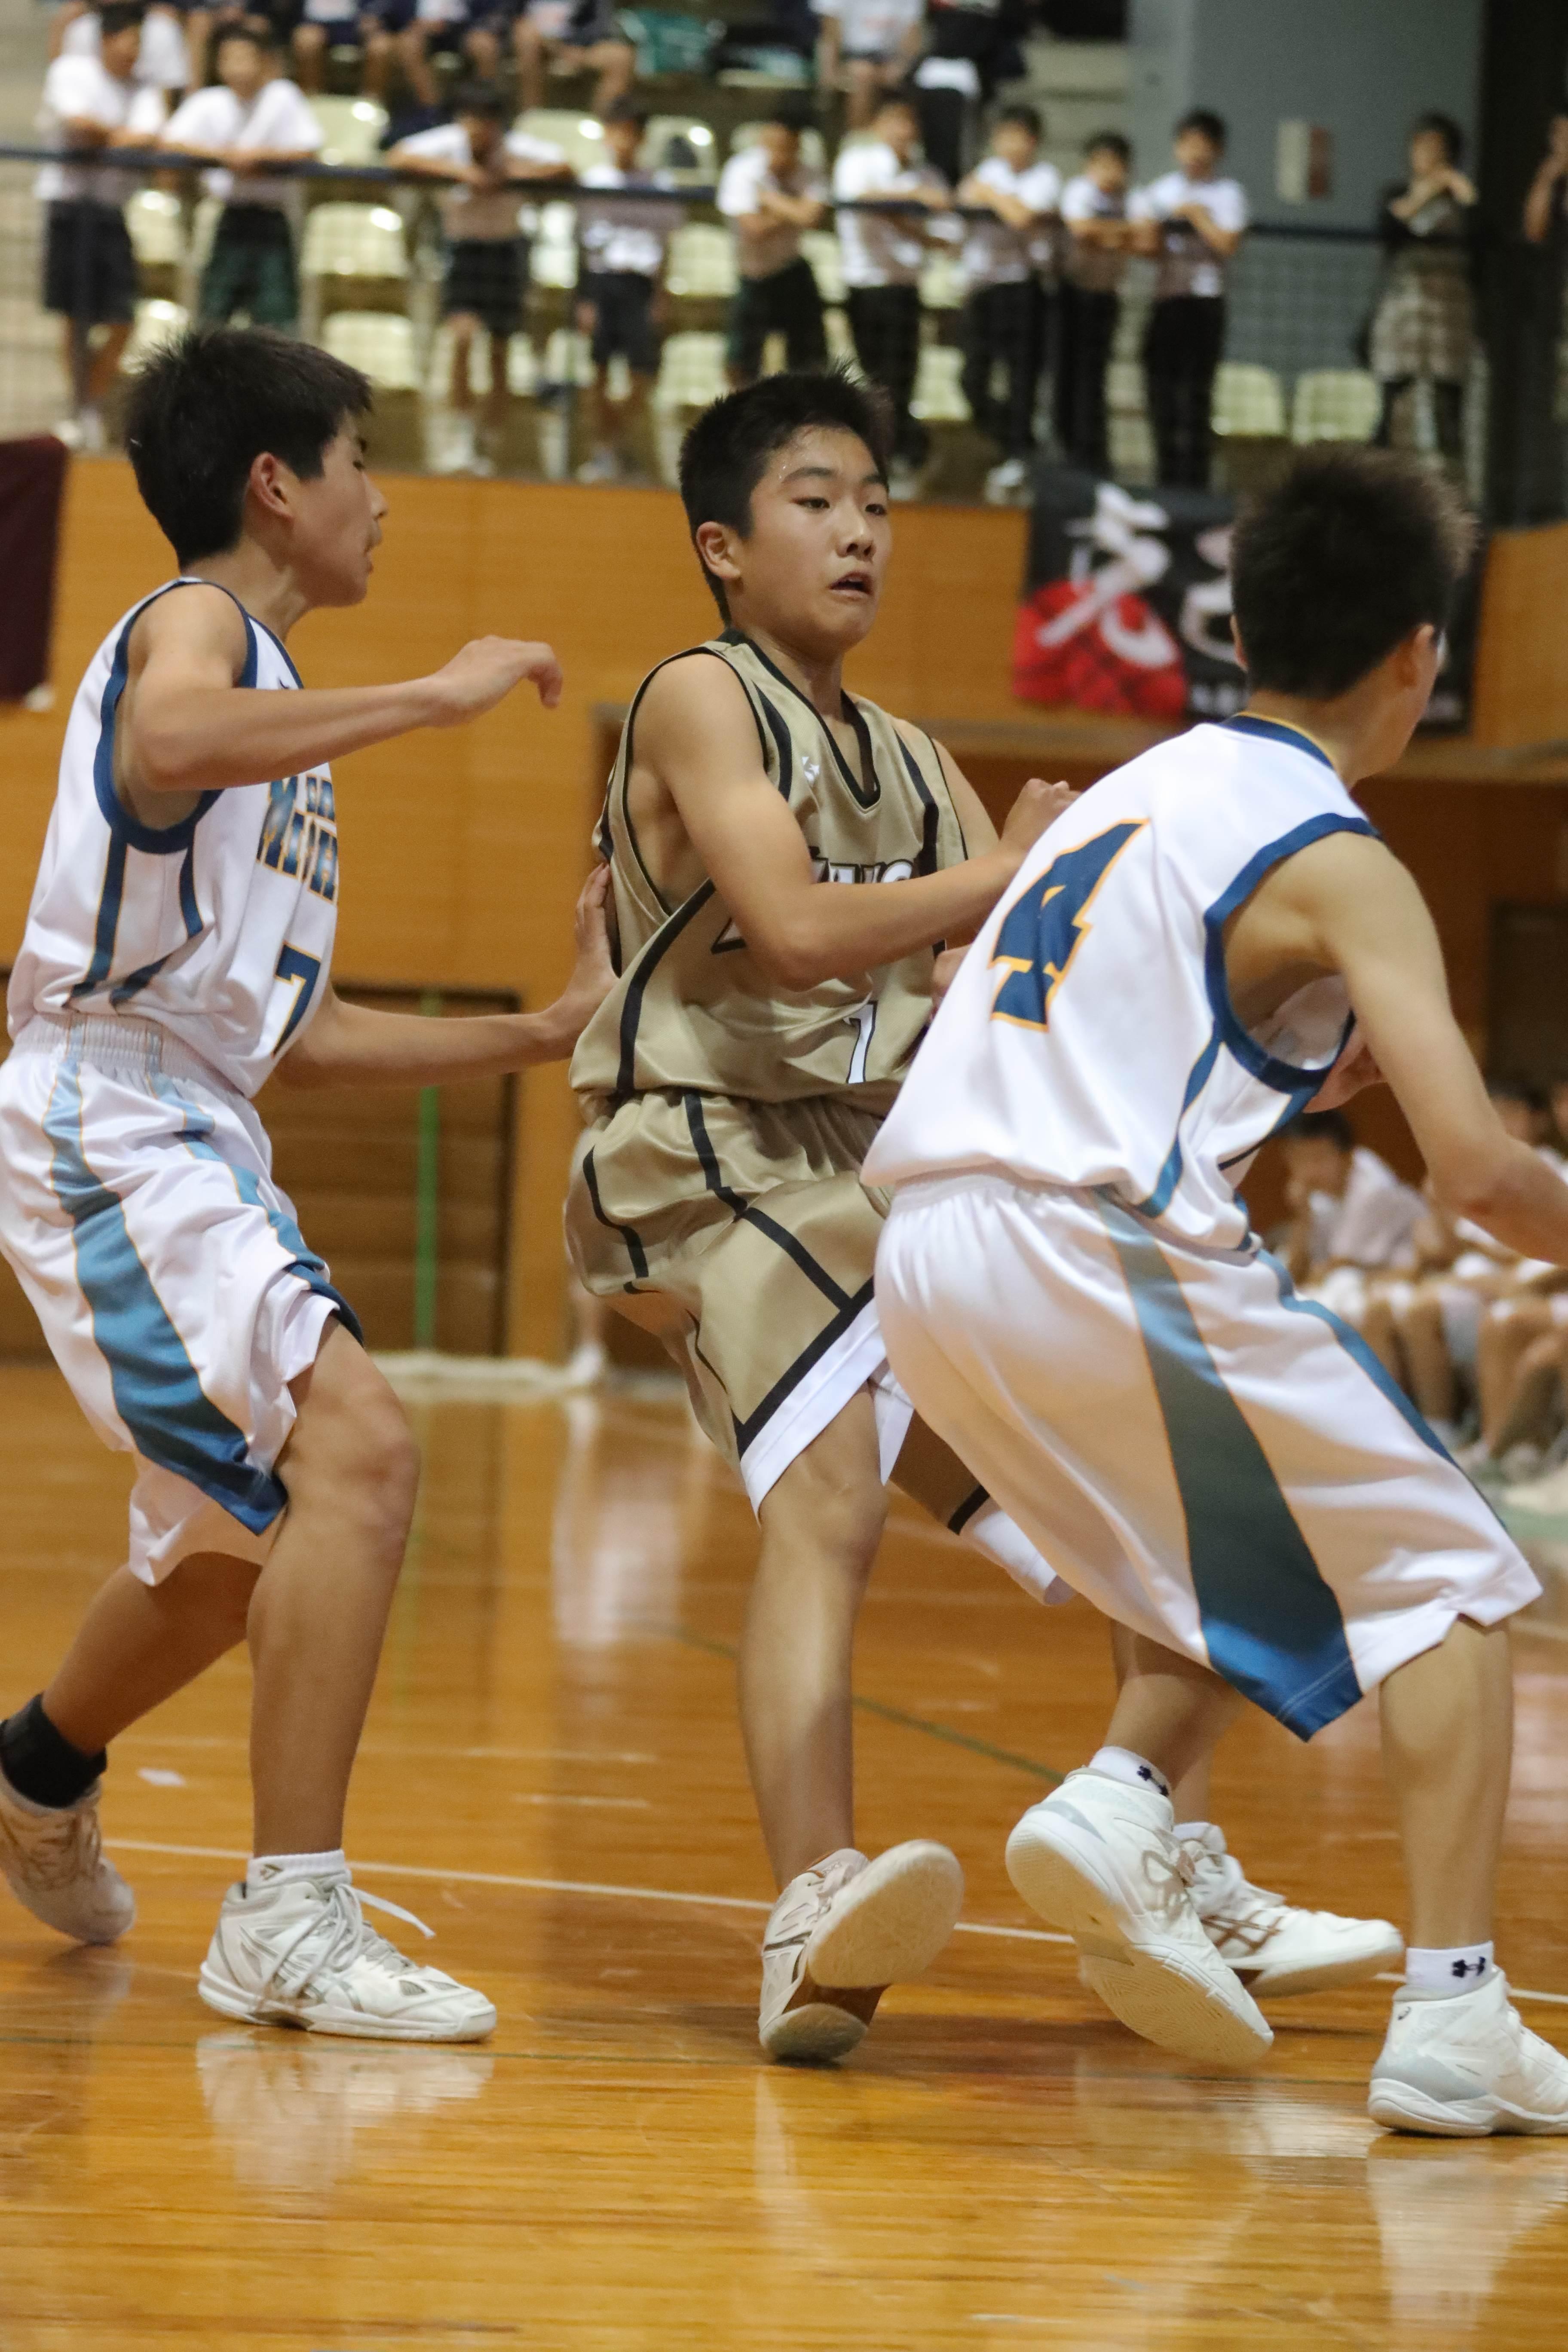 バスケットボール (13)